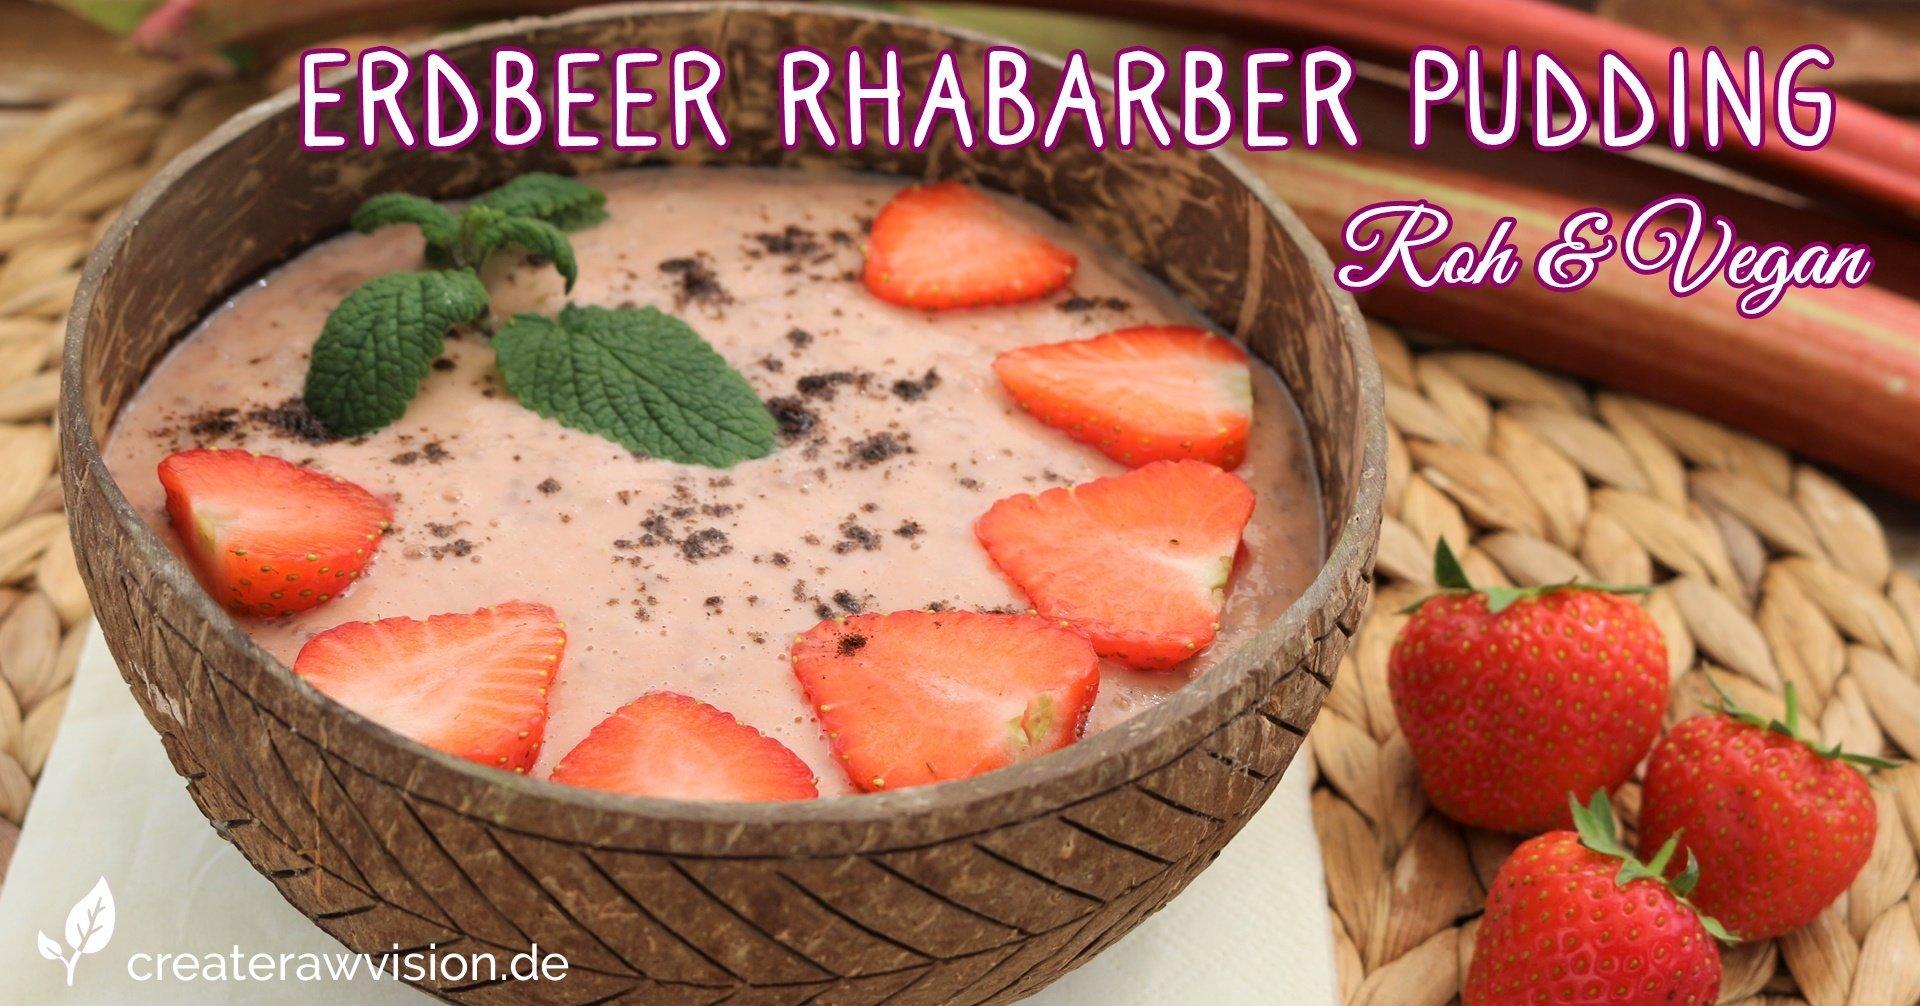 Erdbeer Rhabarber Pudding in Bambusschüssel mit Erdbeeren